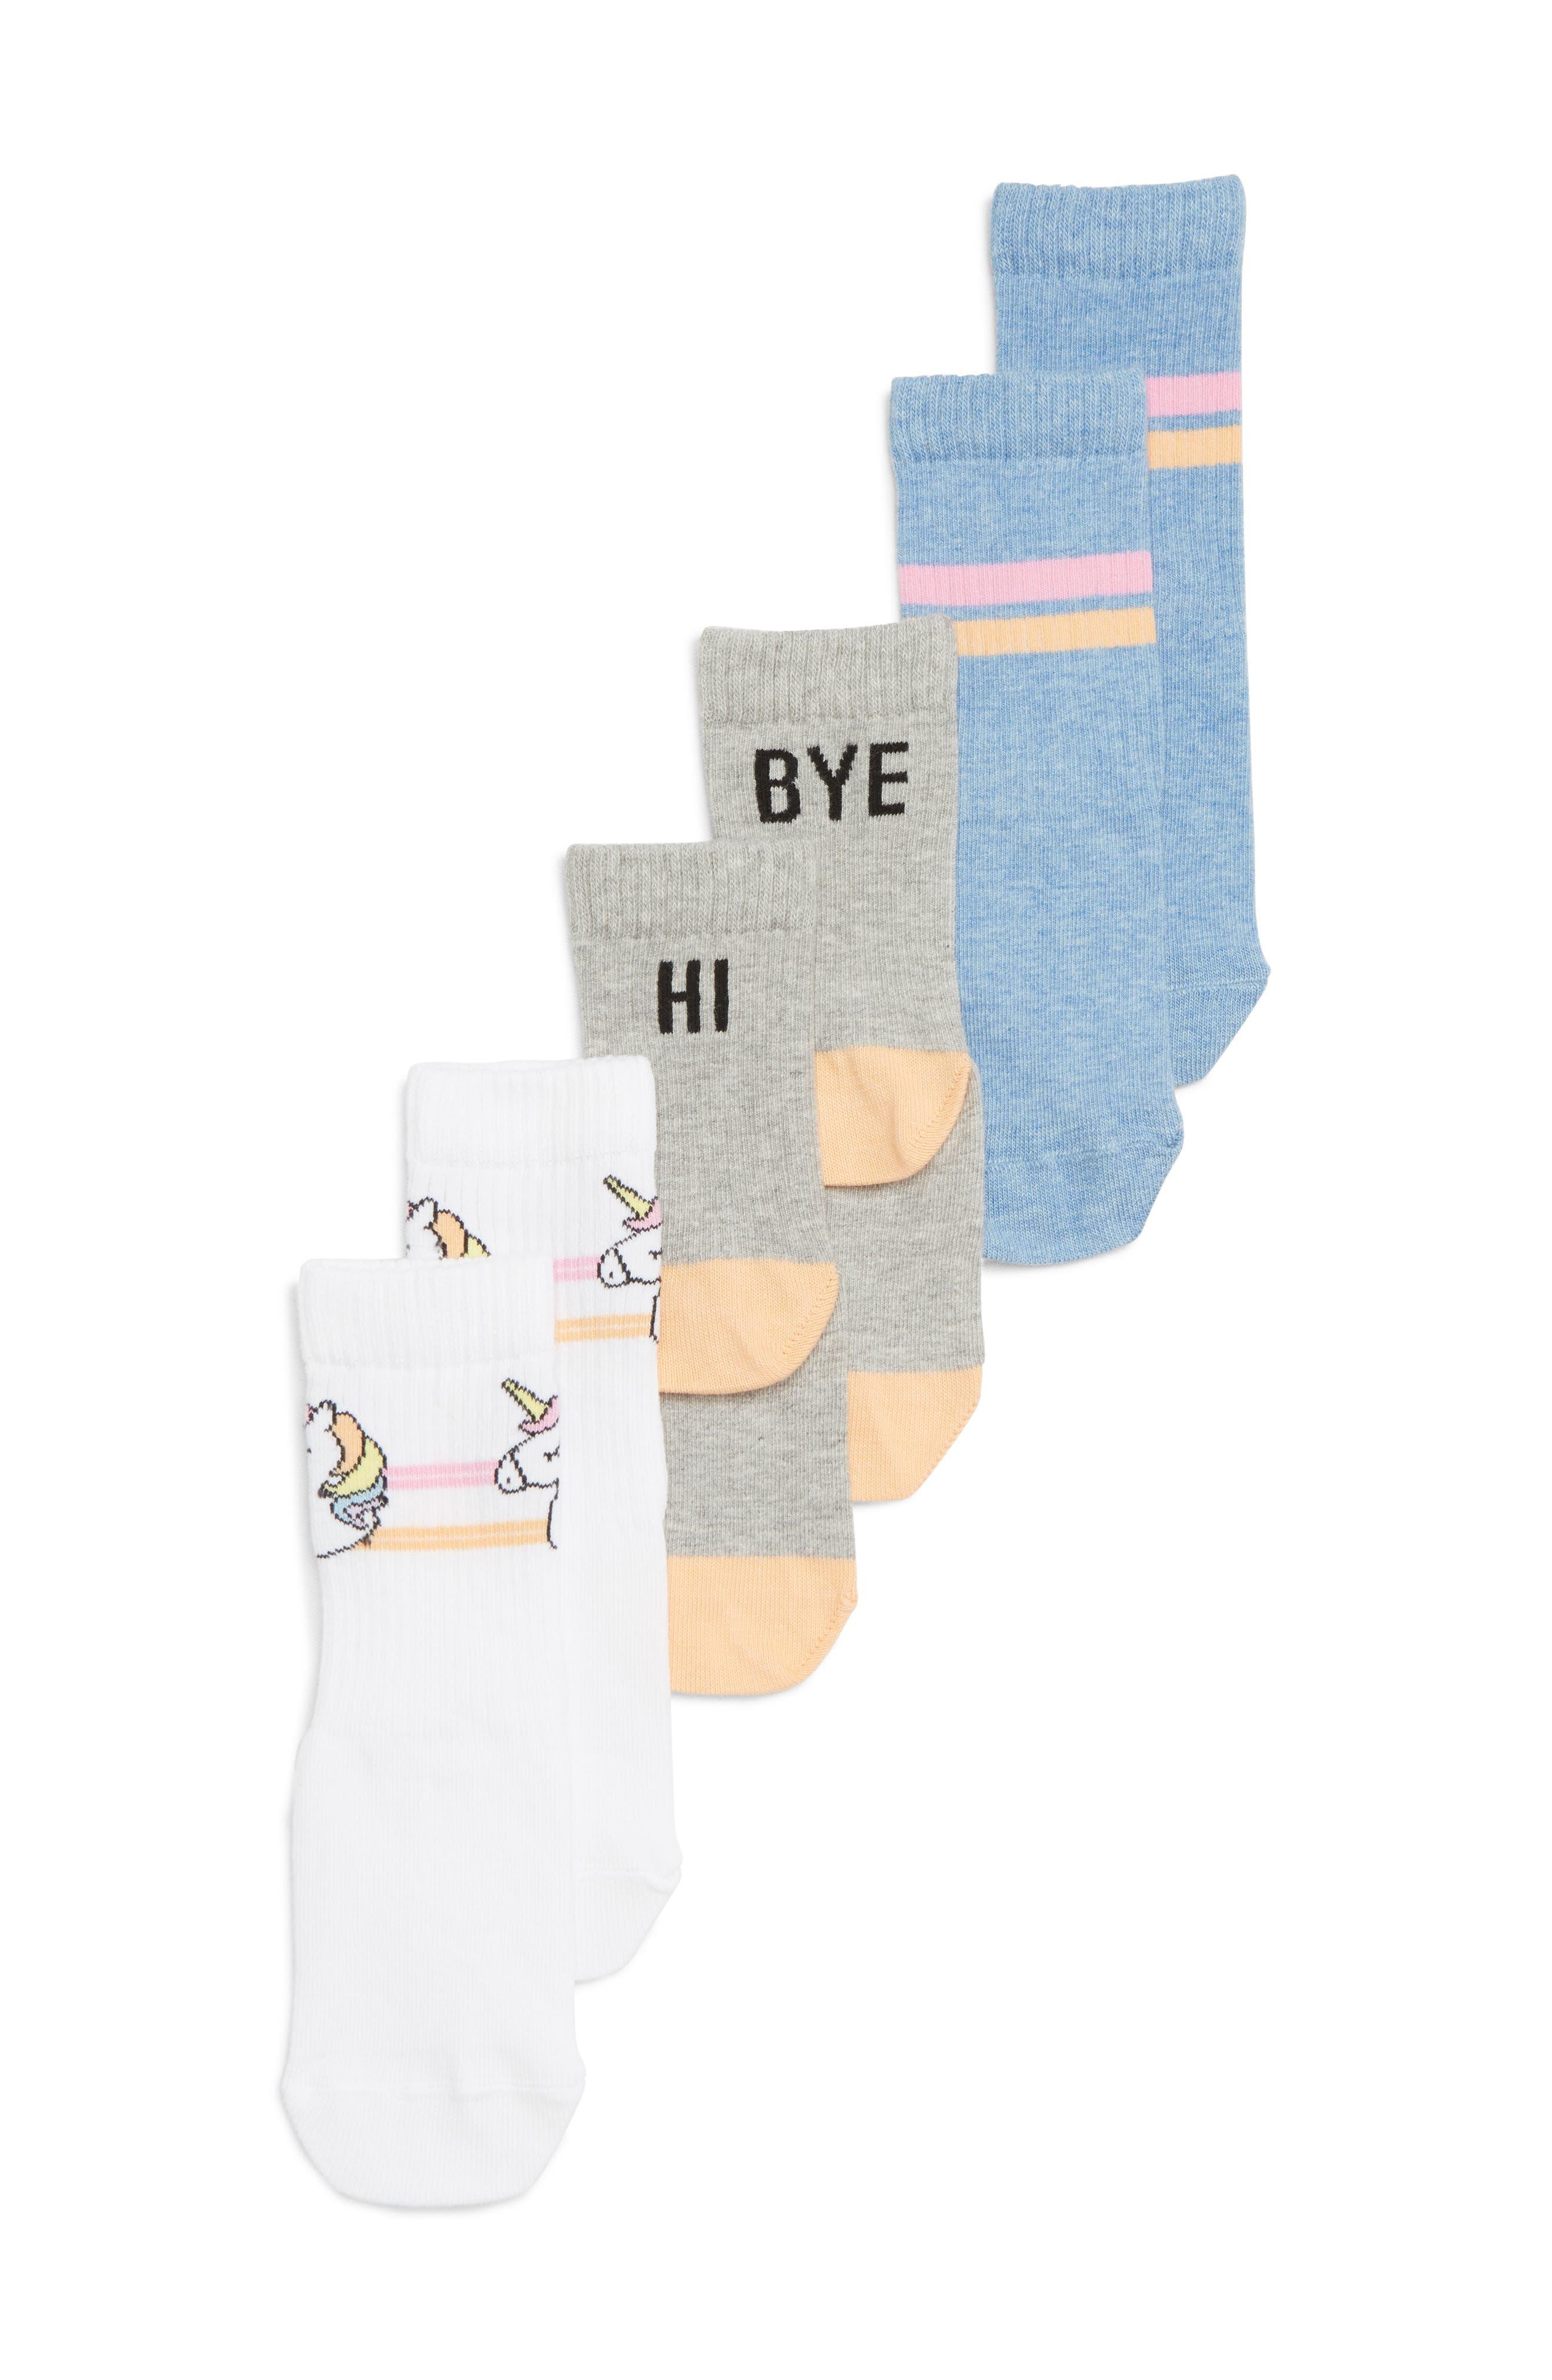 Hi Bye 3-Pack Crew Socks,                             Main thumbnail 1, color,                             100